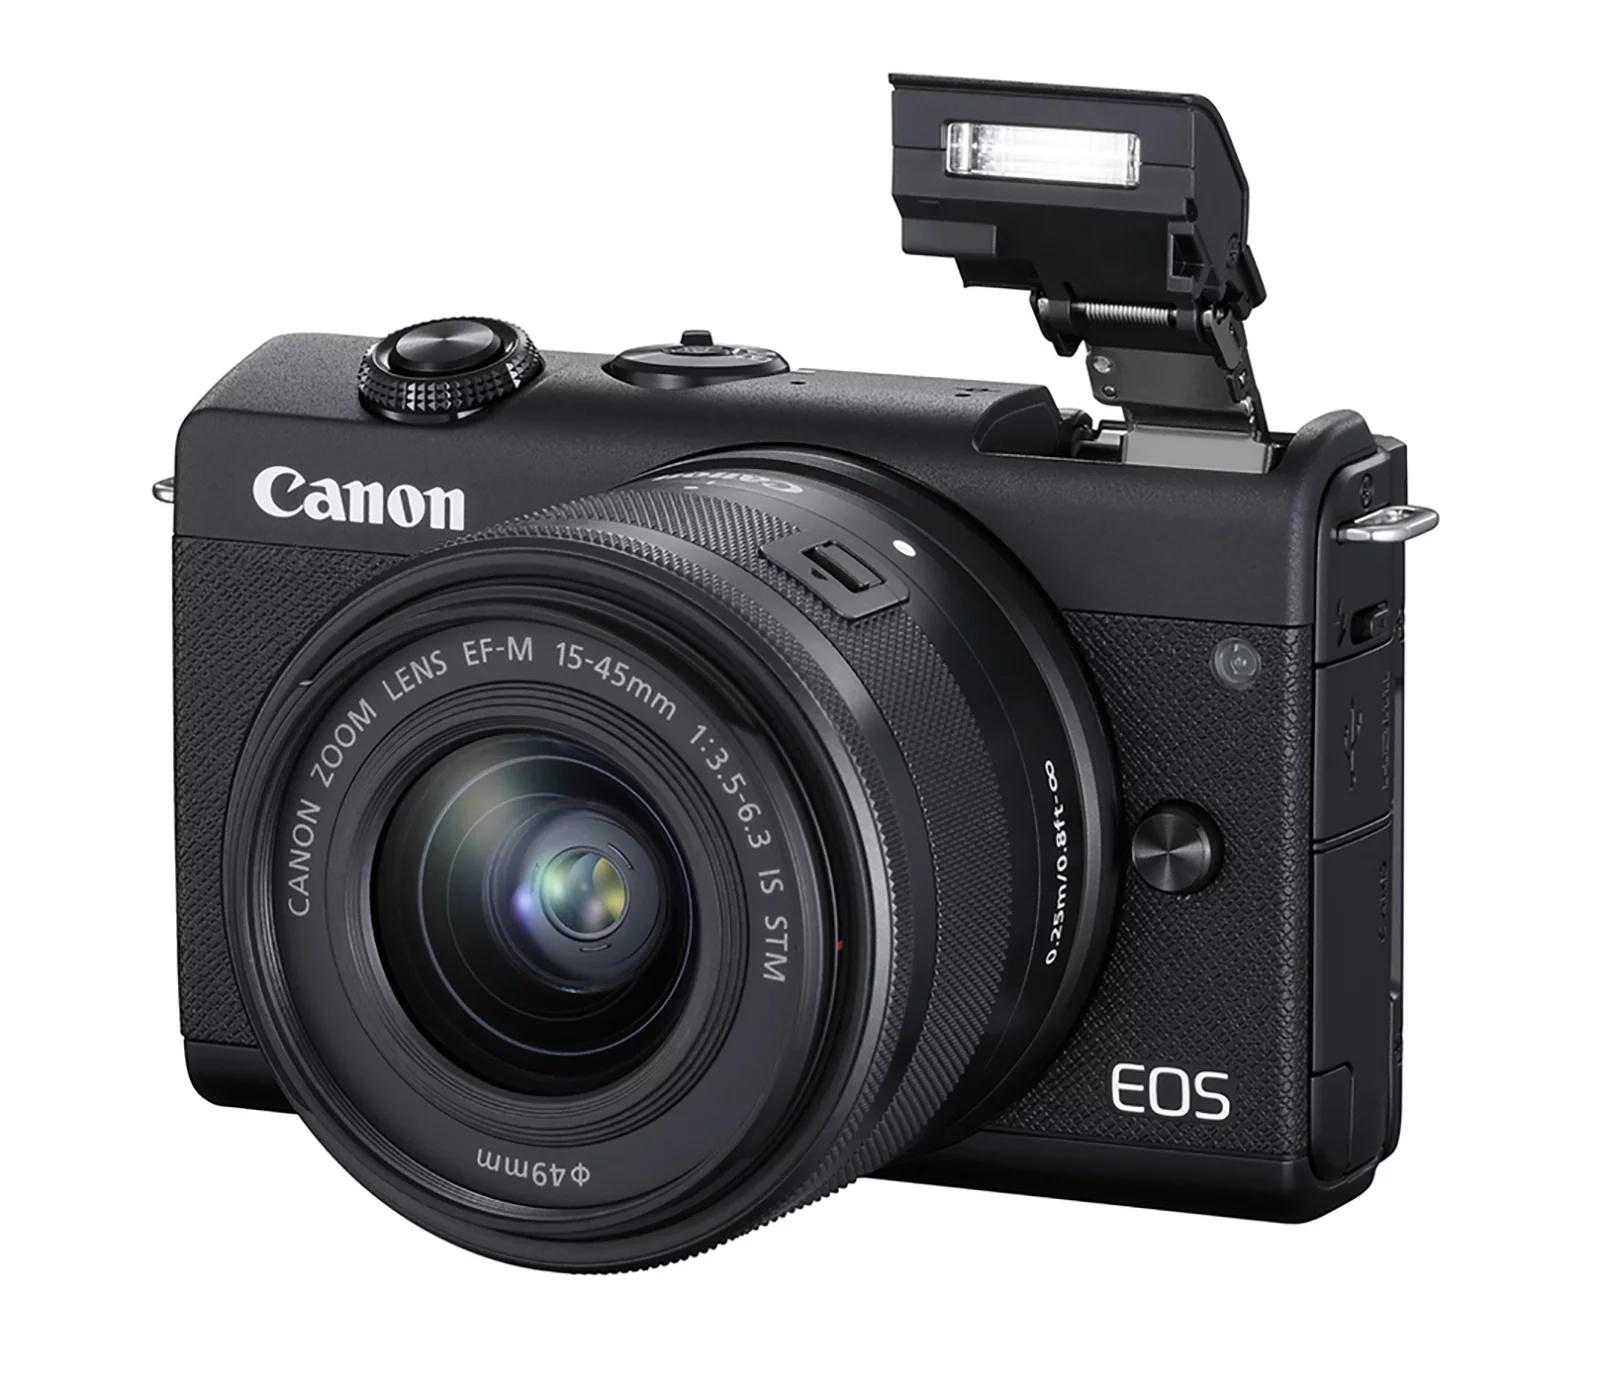 EOS M200 image